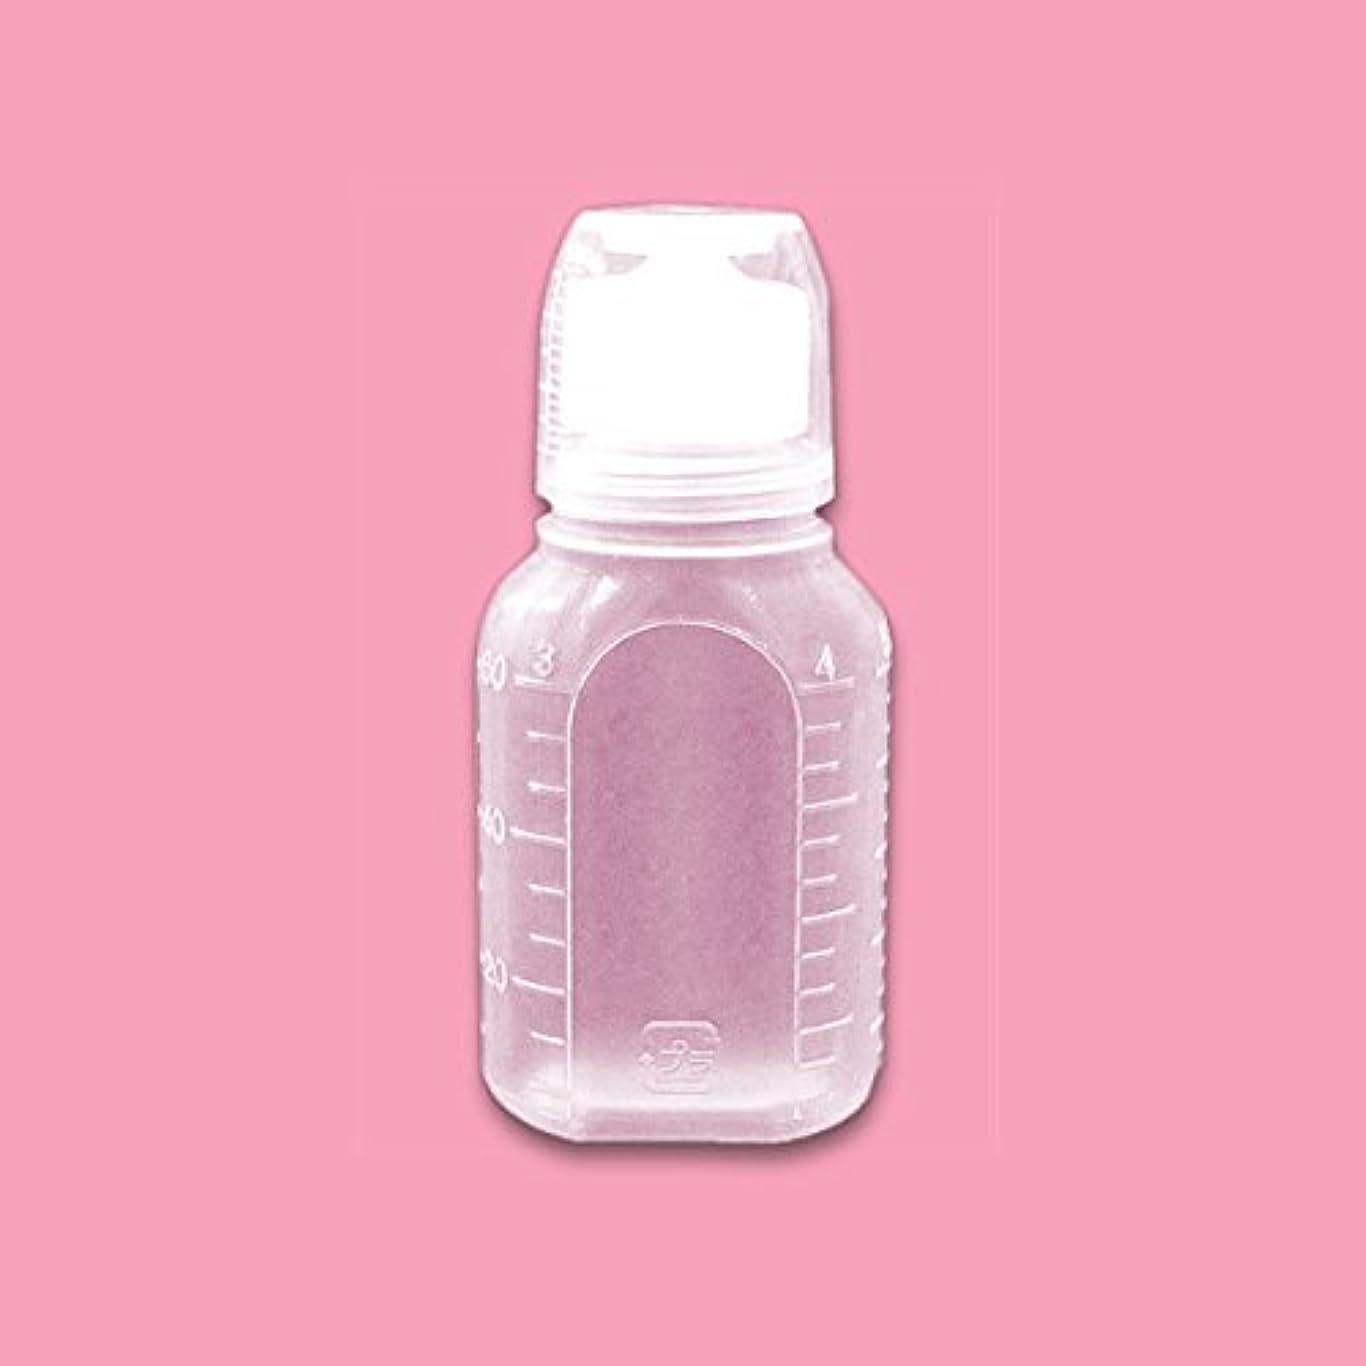 穴横に生物学液体用空ボトル 60g 5個入 [ 空ボトル 空容器 詰め替え用 うがい薬 ローションボトル サンプル用 ]◆